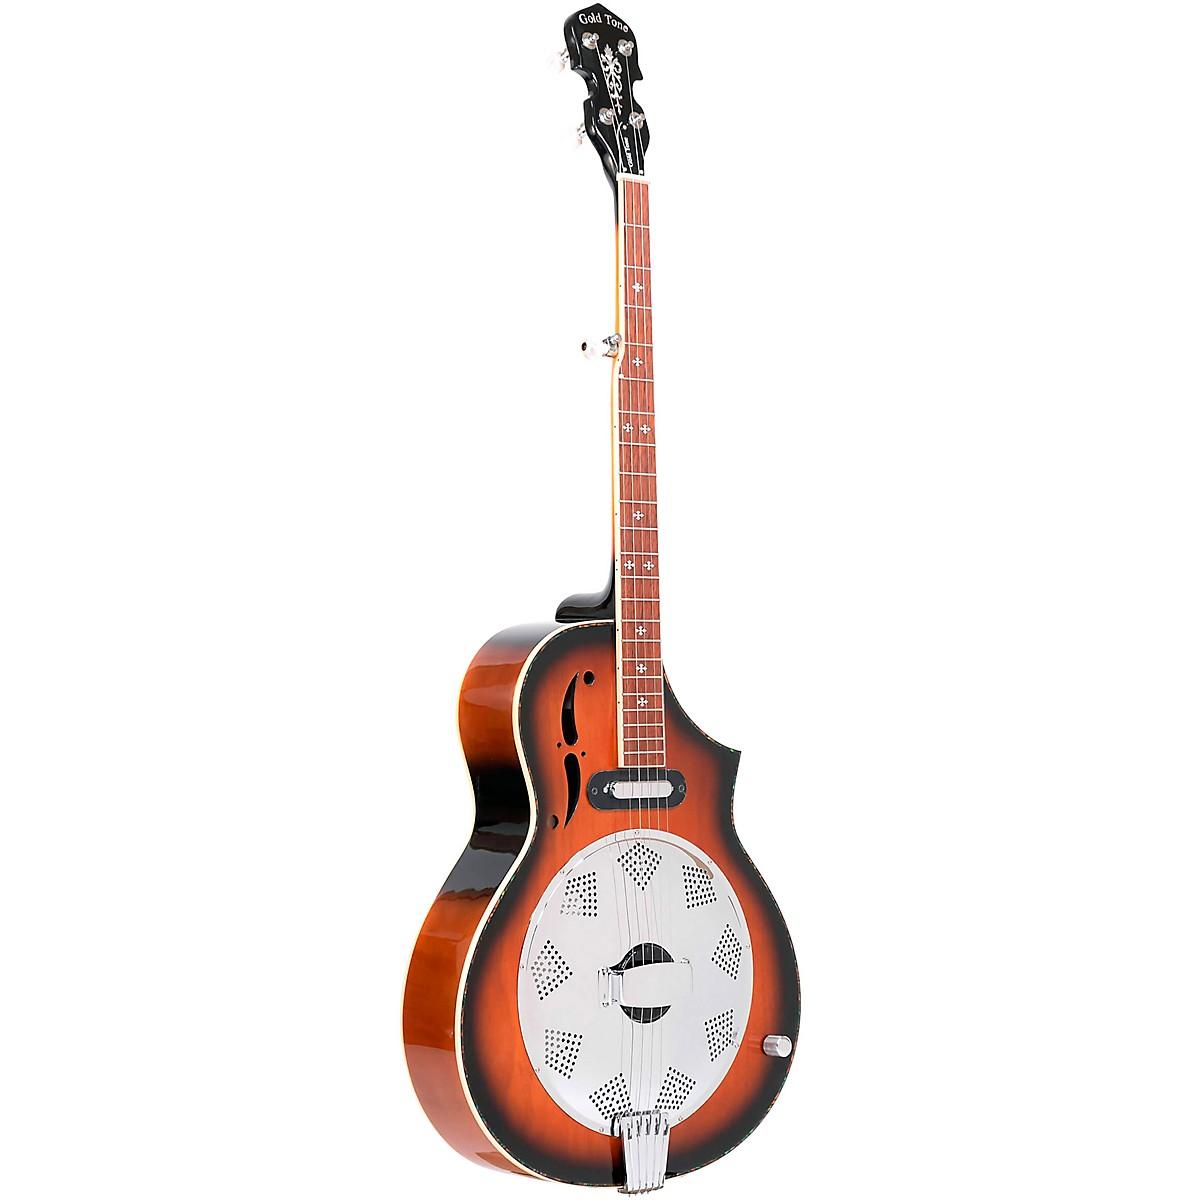 Gold Tone Dojo DLX 5-String Acoustic-Electric Resonator Banjo